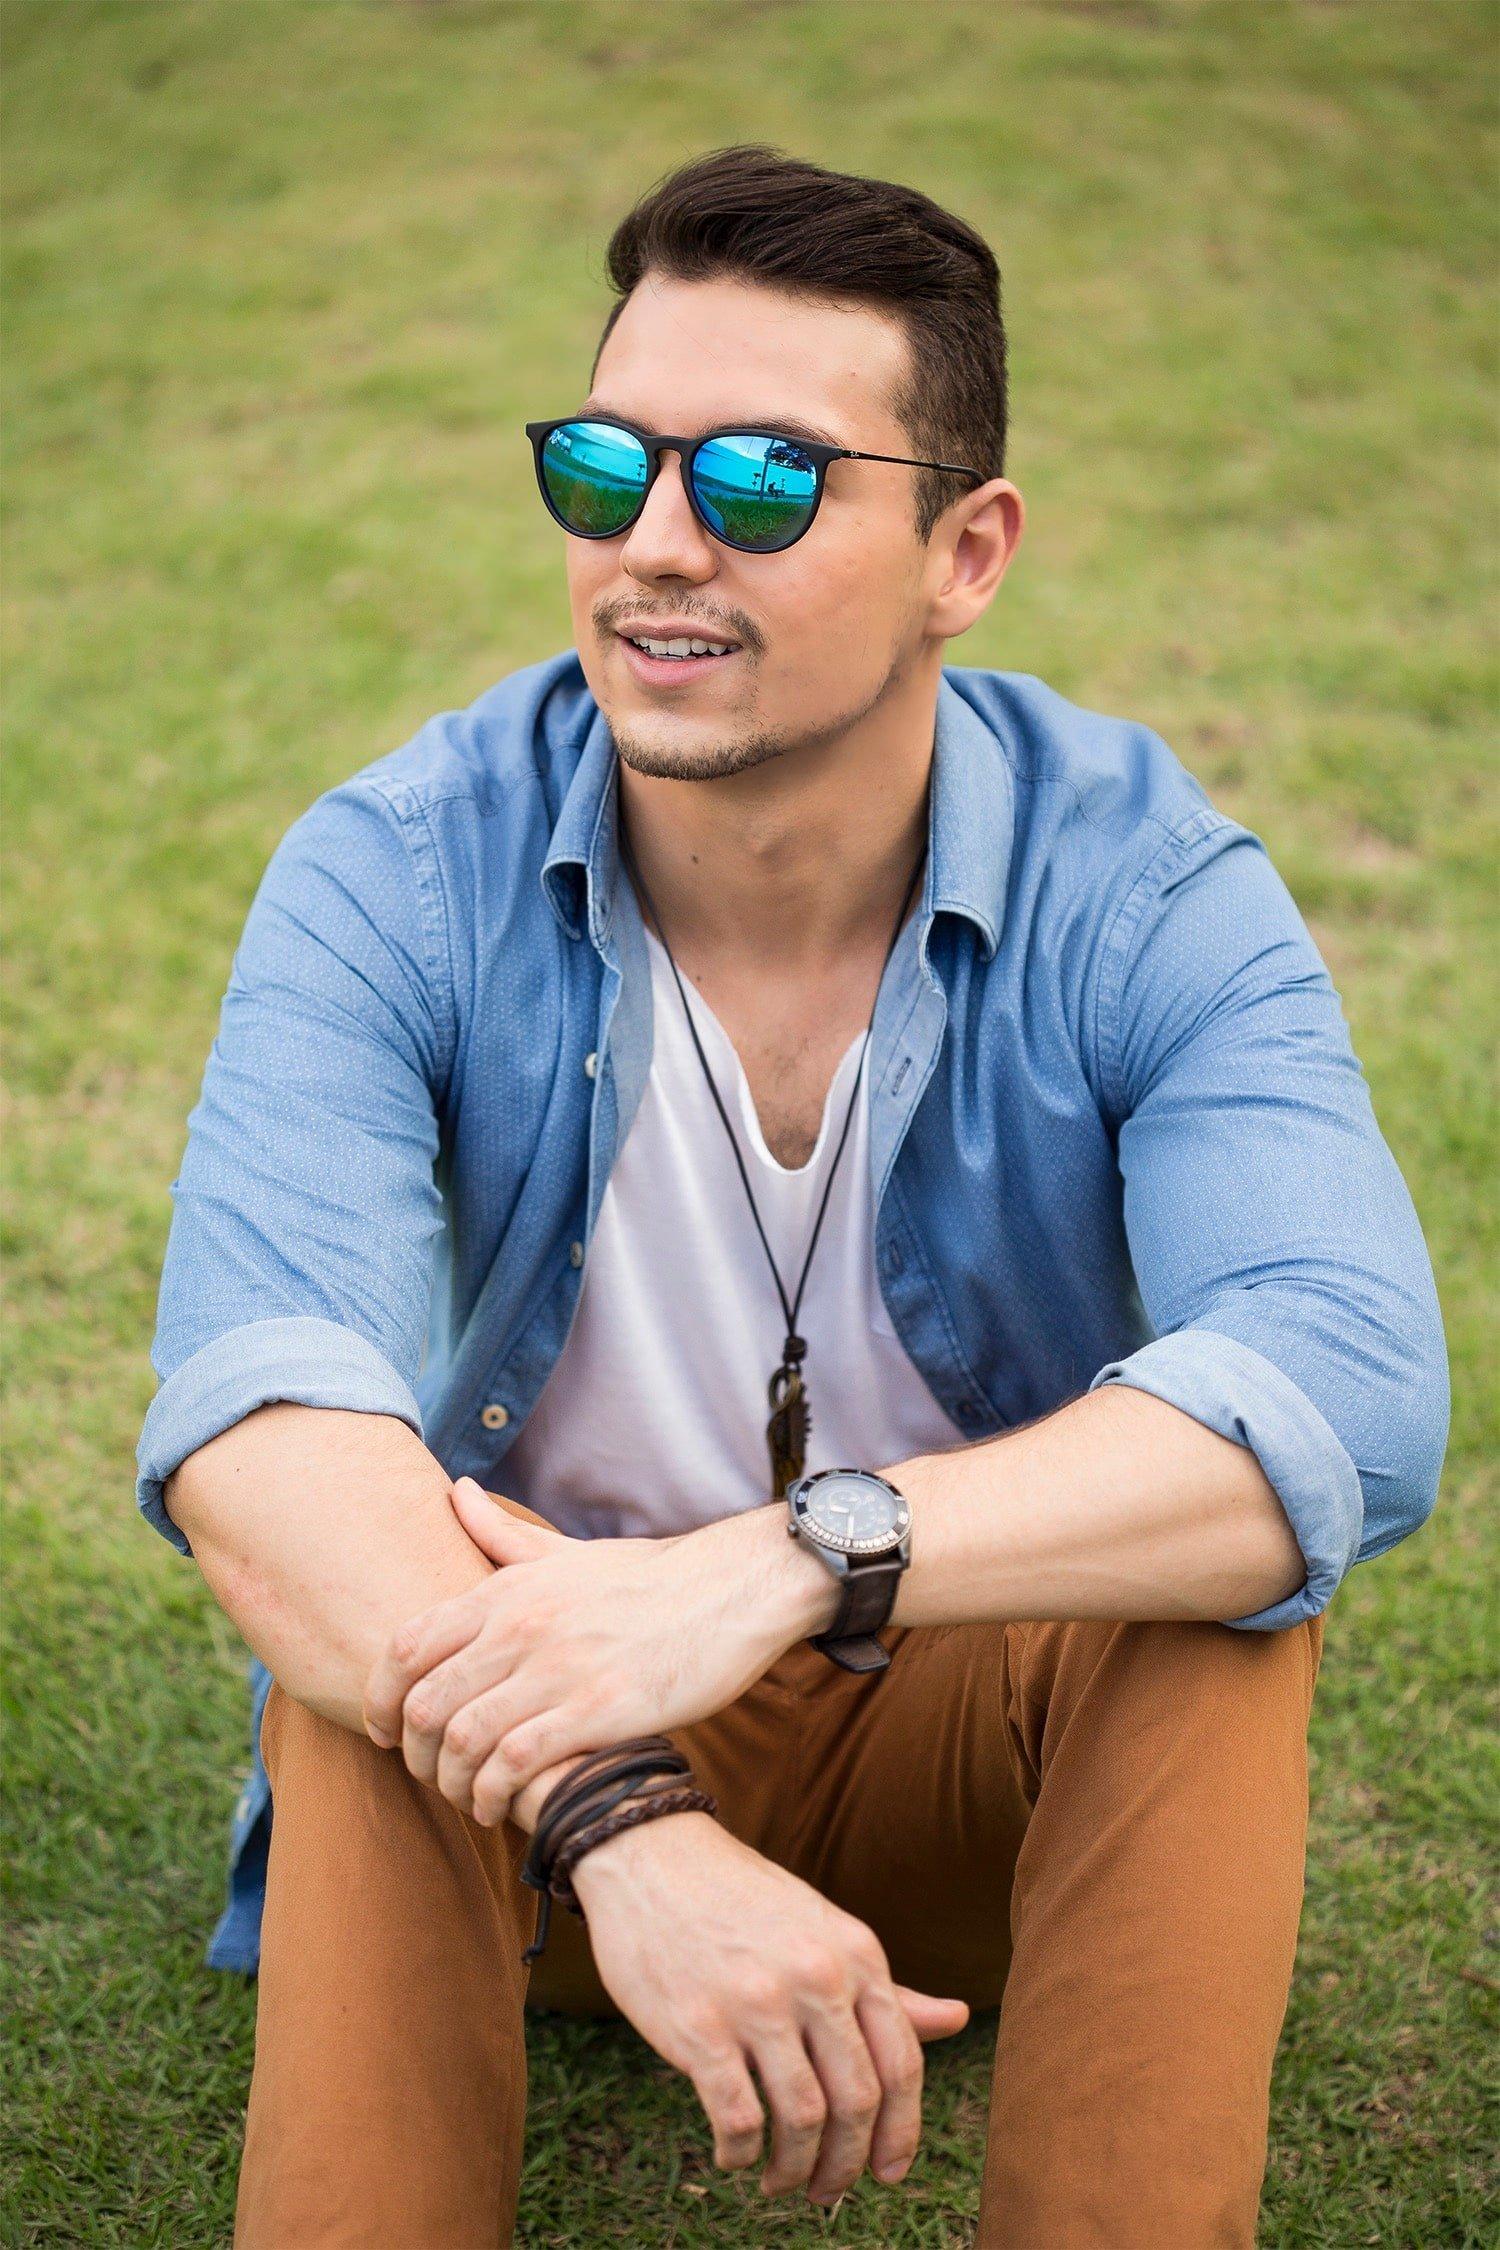 5 Juan Alves poá e chino moda masculina homens que se cuidam